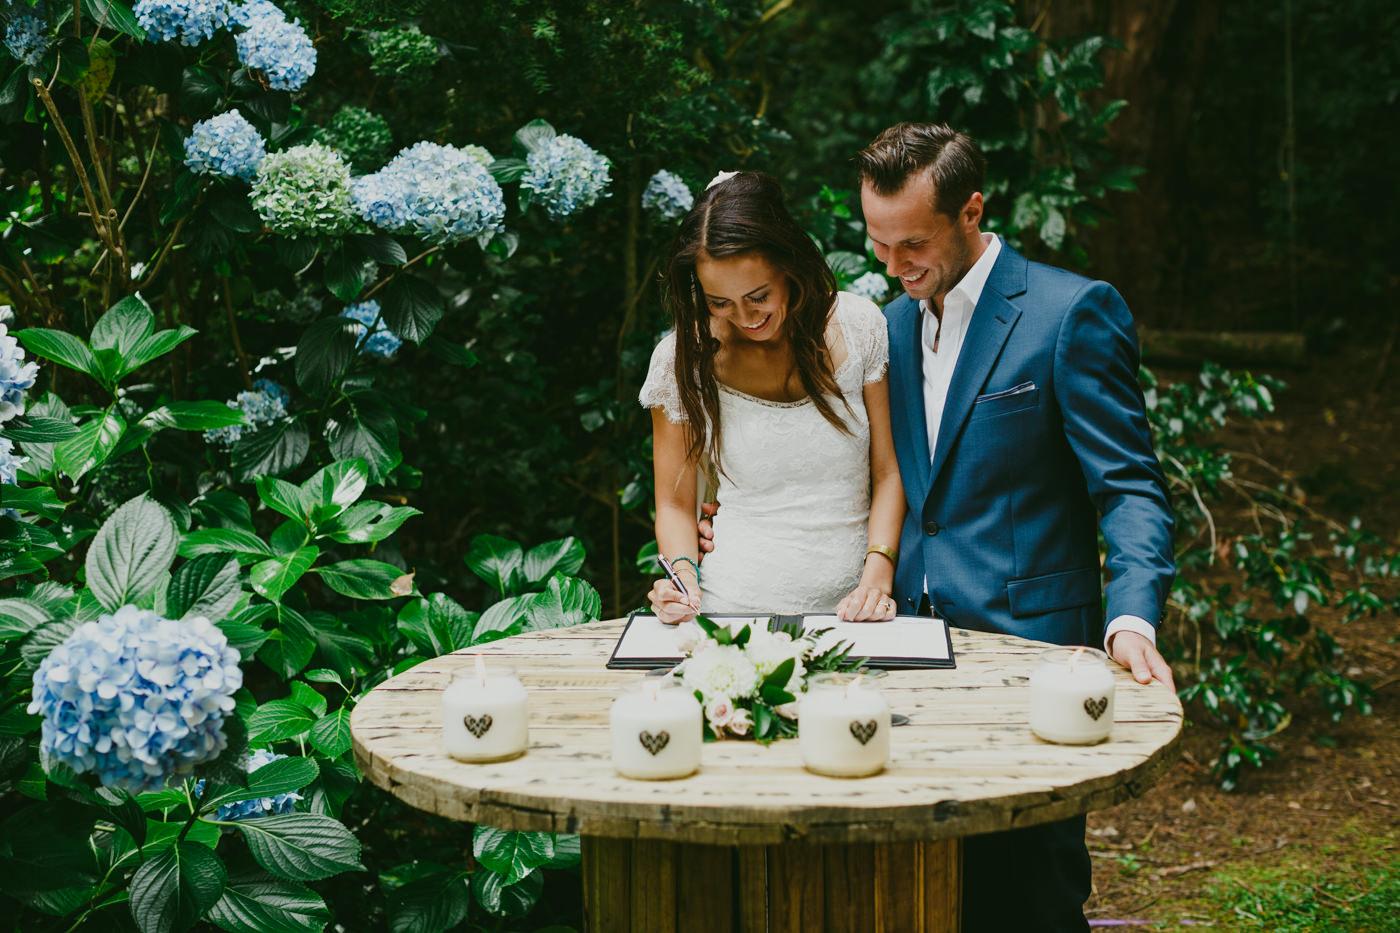 044z_auckland_leigh_wedding_photos.jpg